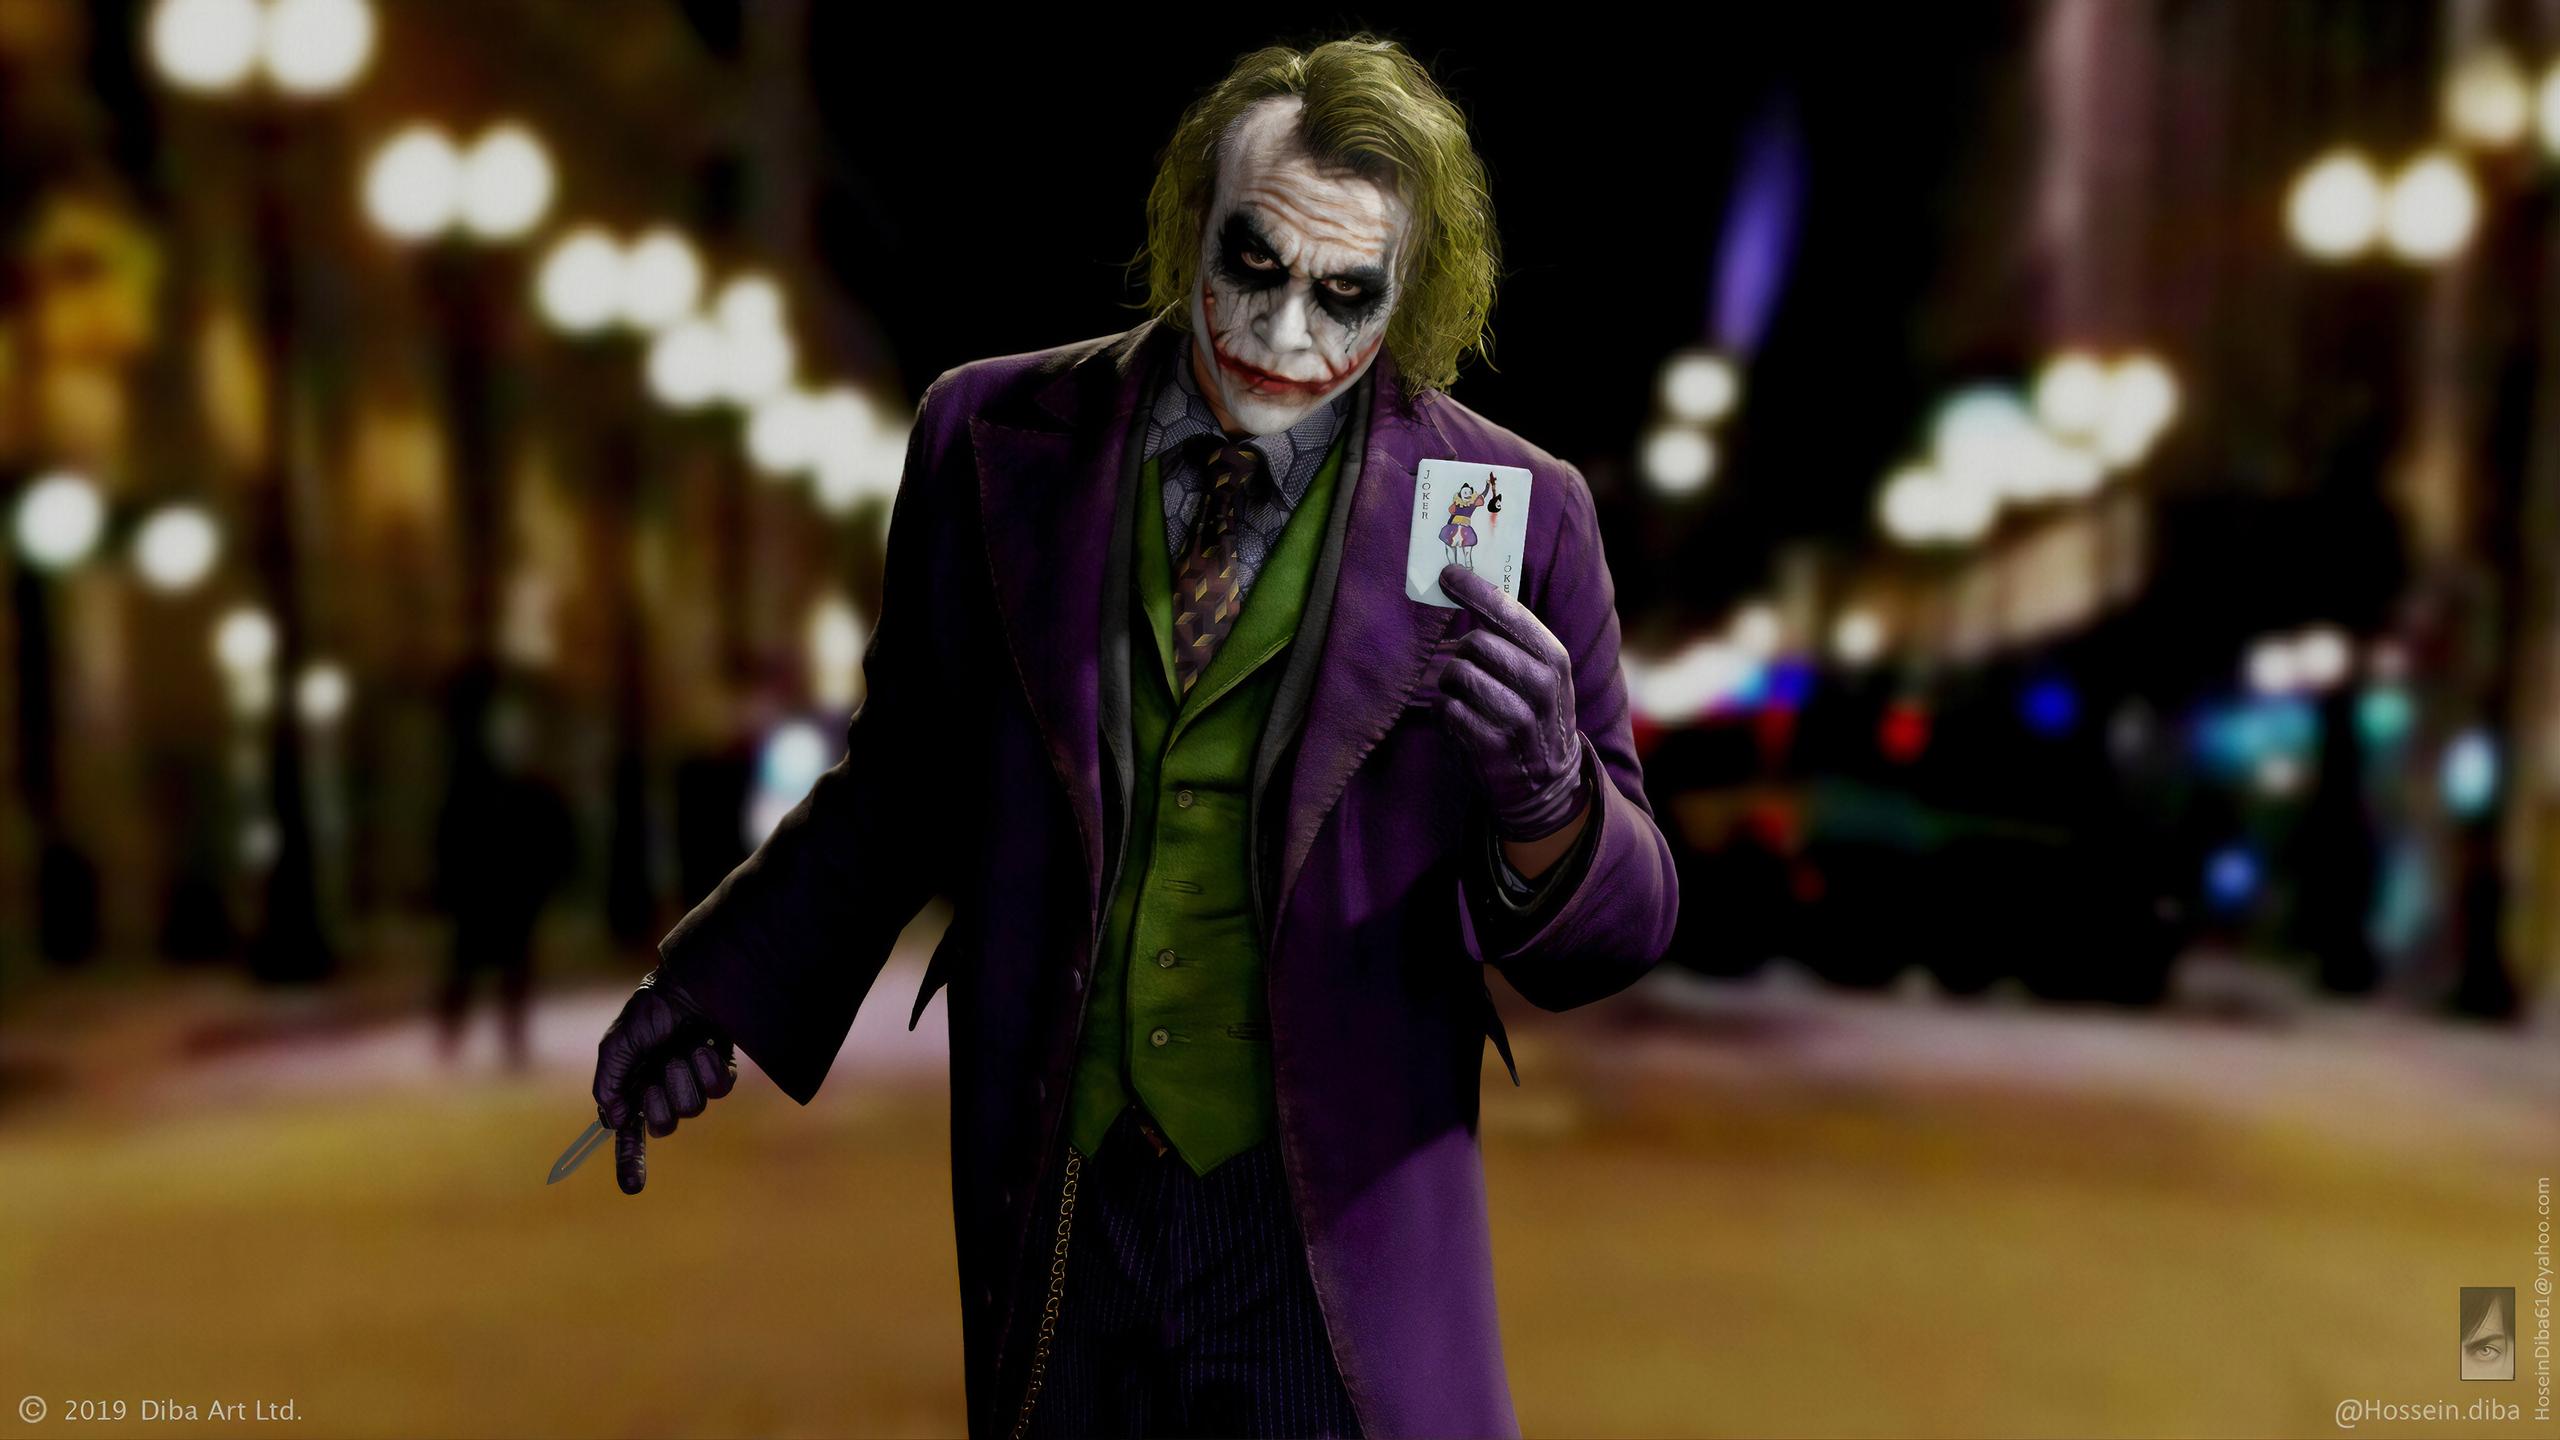 2560x1440 Joker Heath Ledger Flip It 4k 1440p Resolution Hd 4k